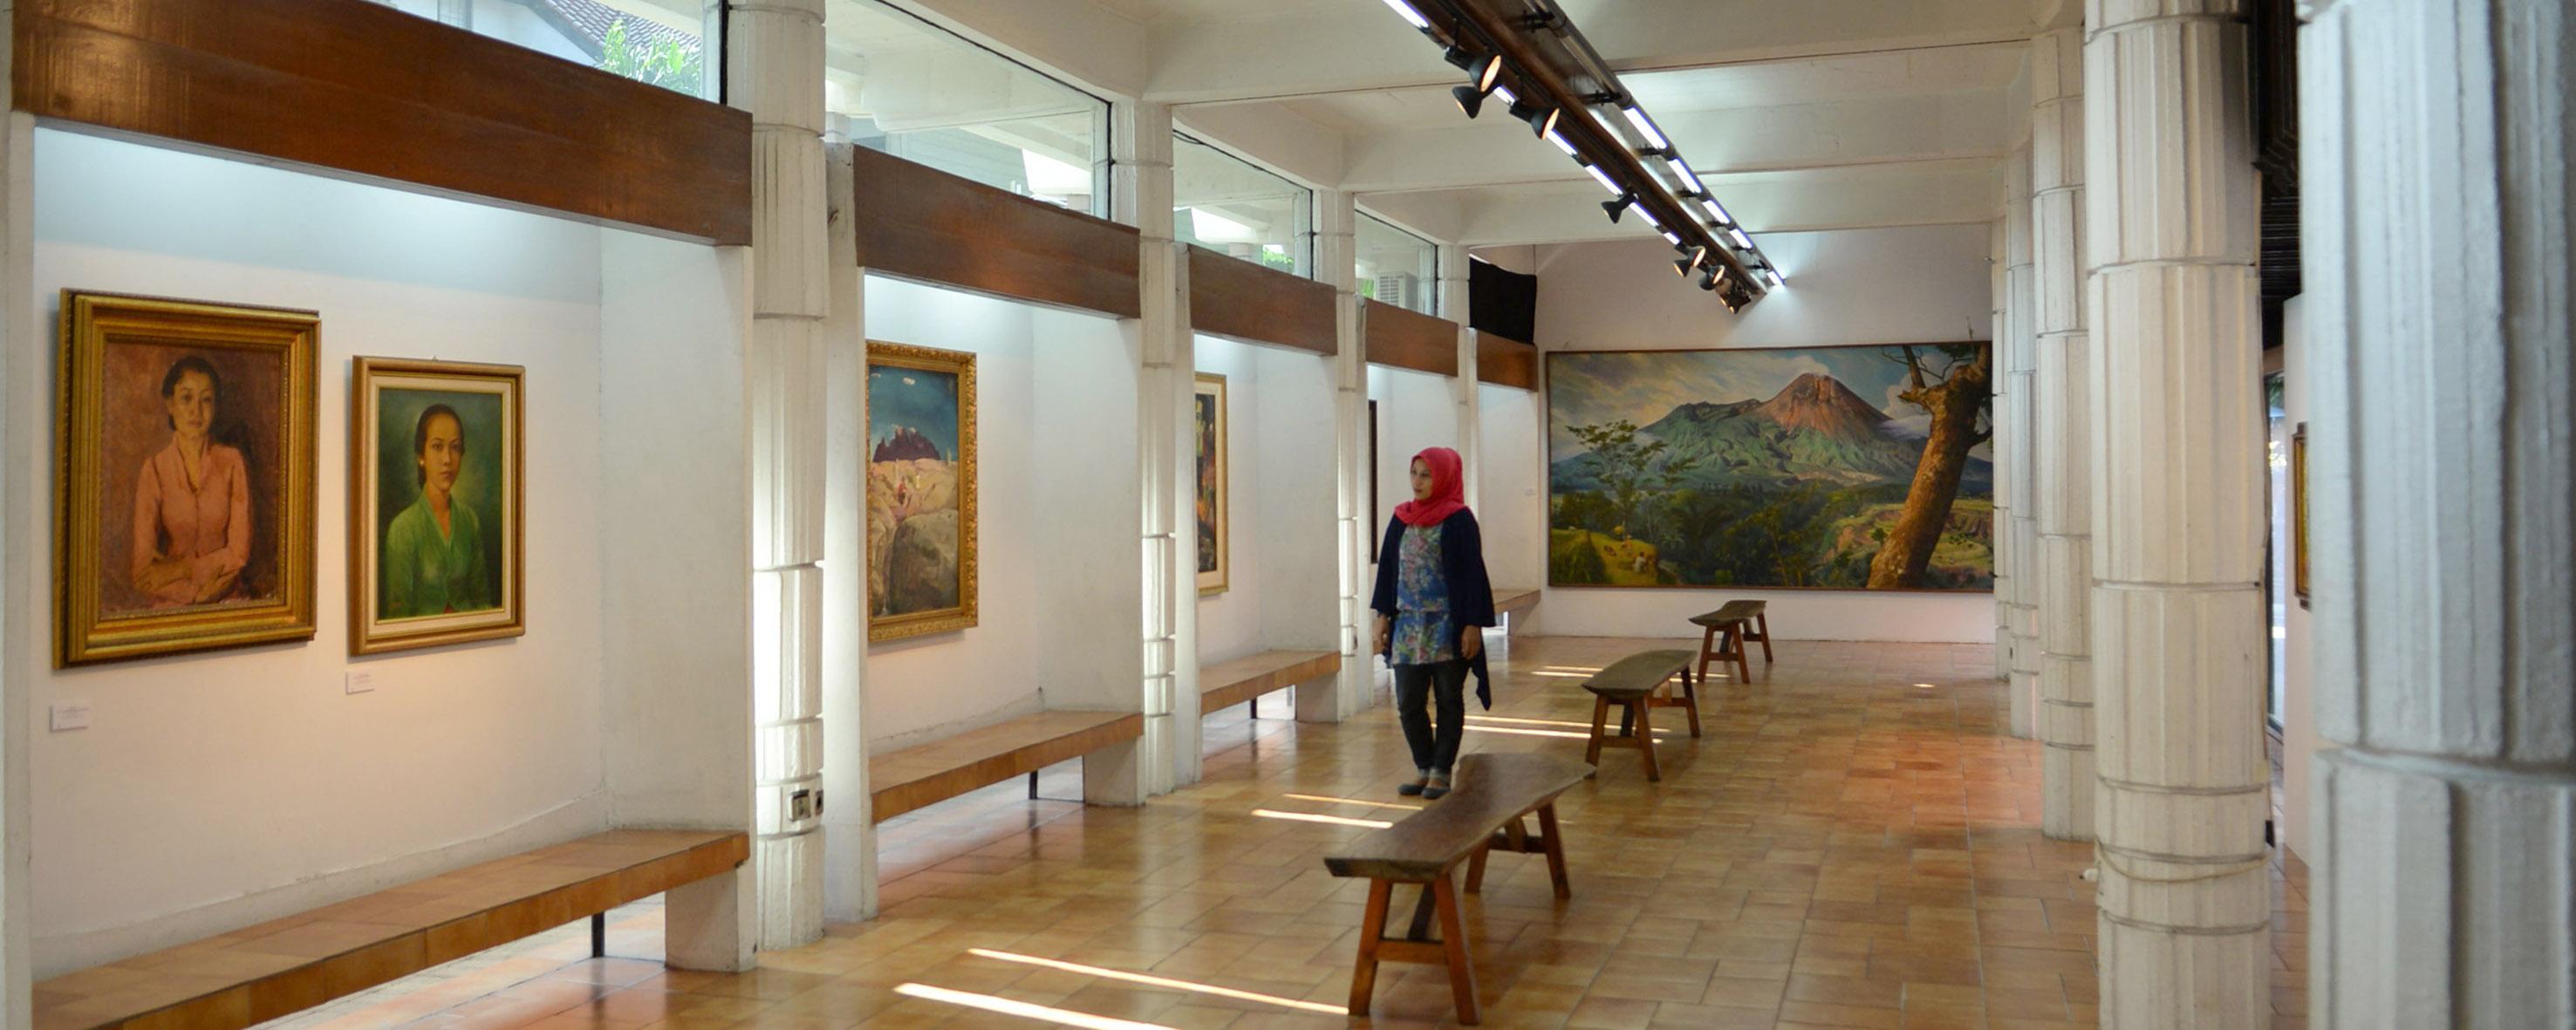 Galeri Kiri Bawah